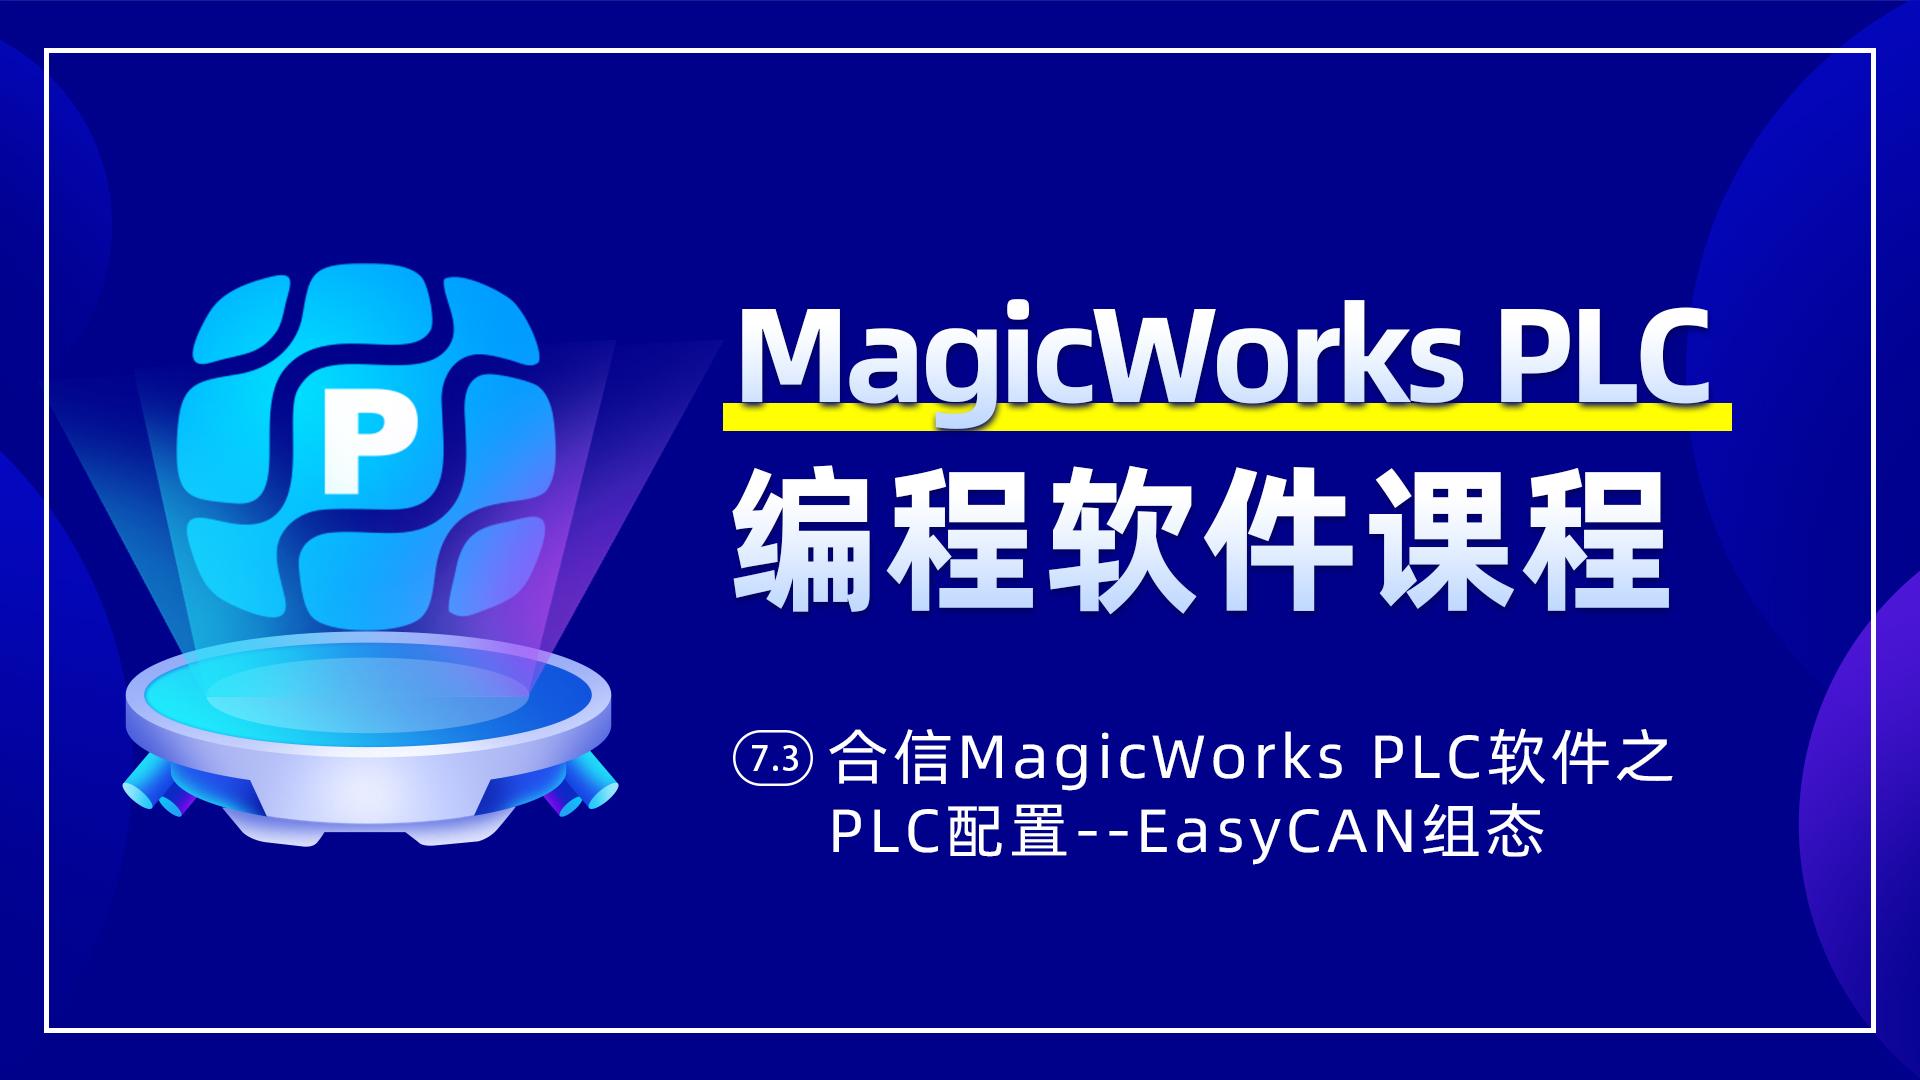 7.2、合信MagicWorks PLC软件PLC配置之数据块配置